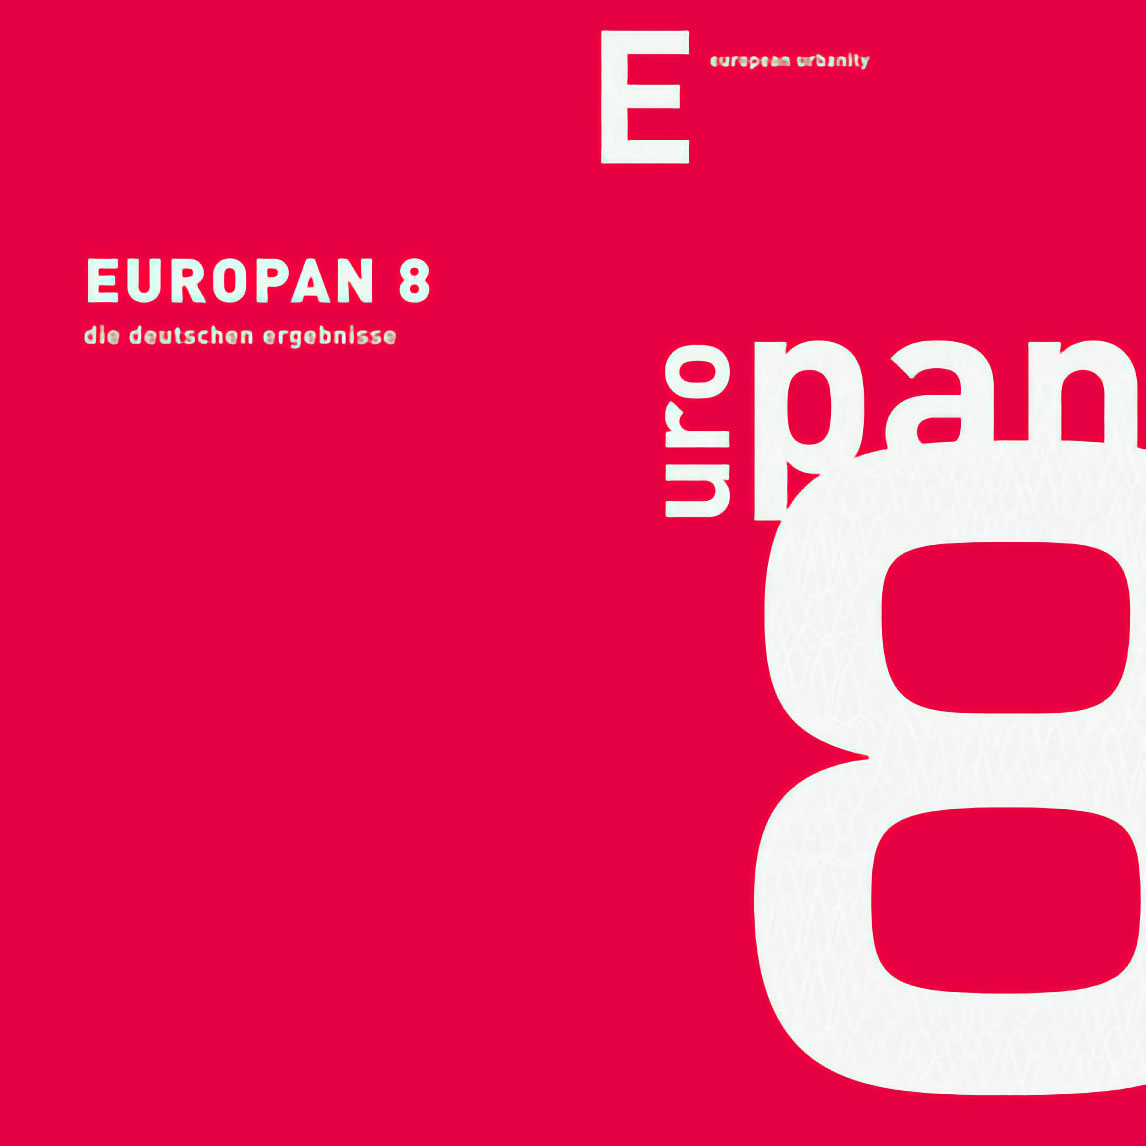 Europan 8<br /> European Urbanity / Strategien und Lösungen für die Zukunft der europäischen Stadt